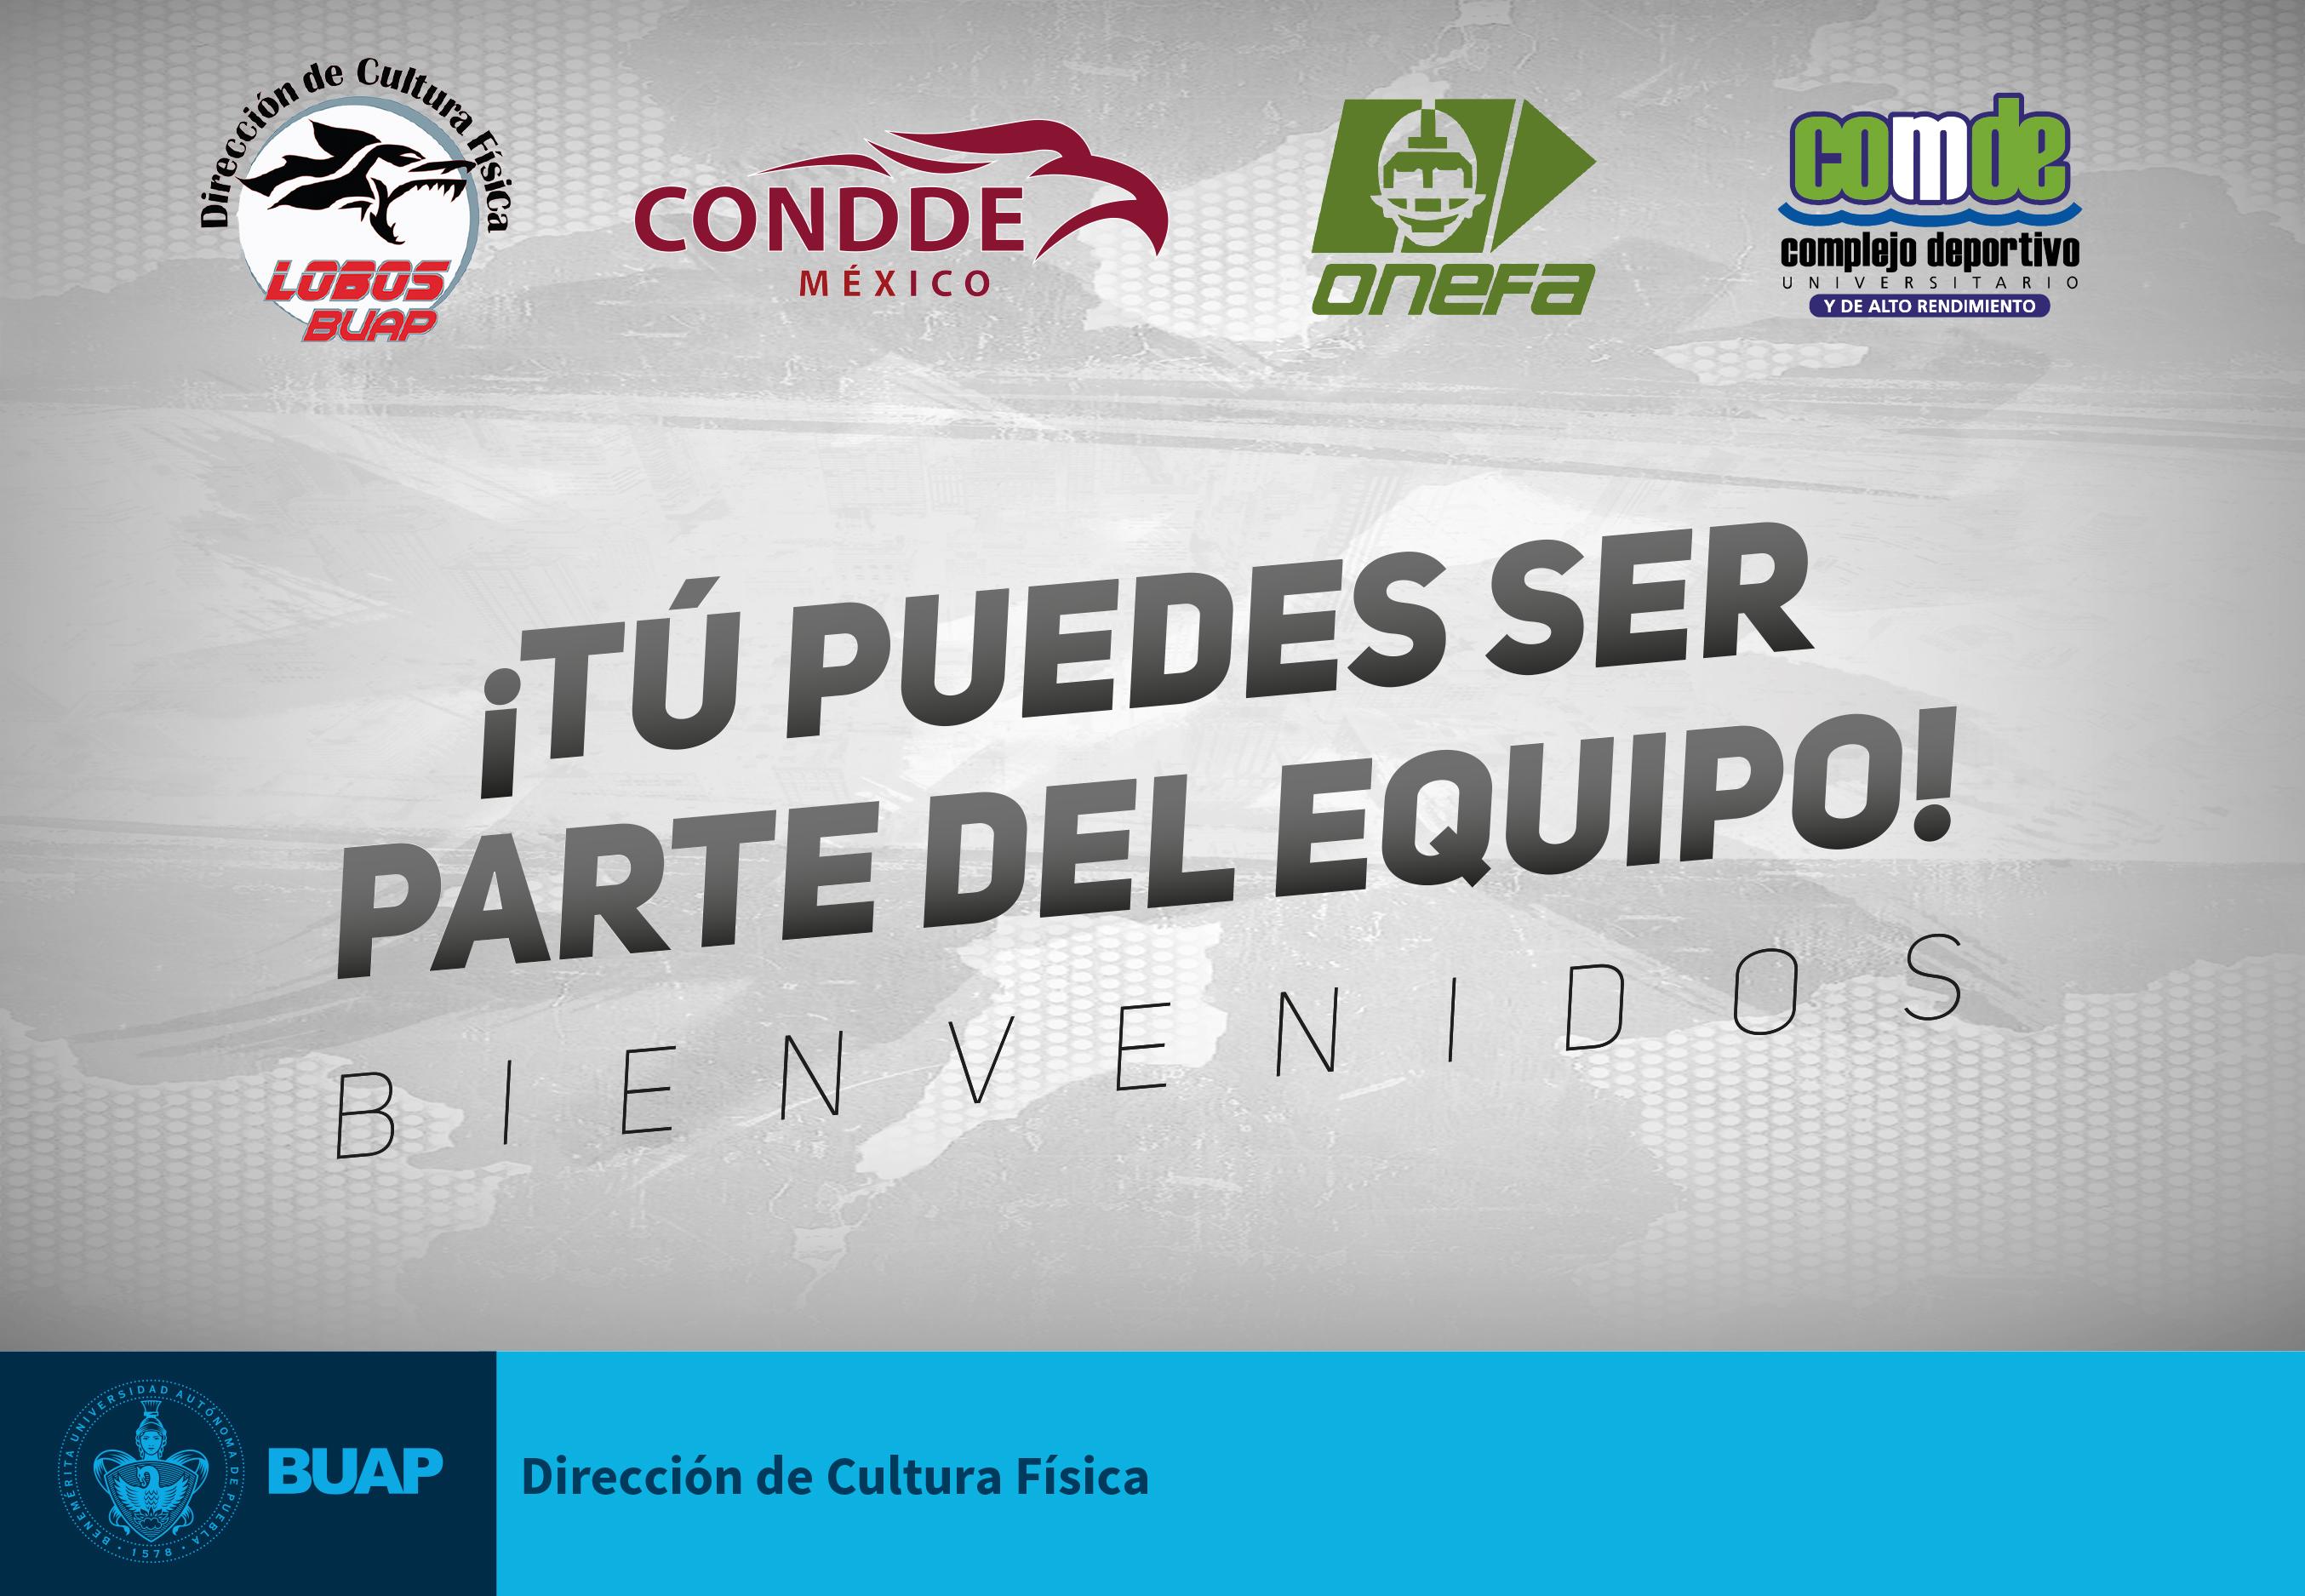 23ebba705 Benemérita Universidad Autónoma de Puebla